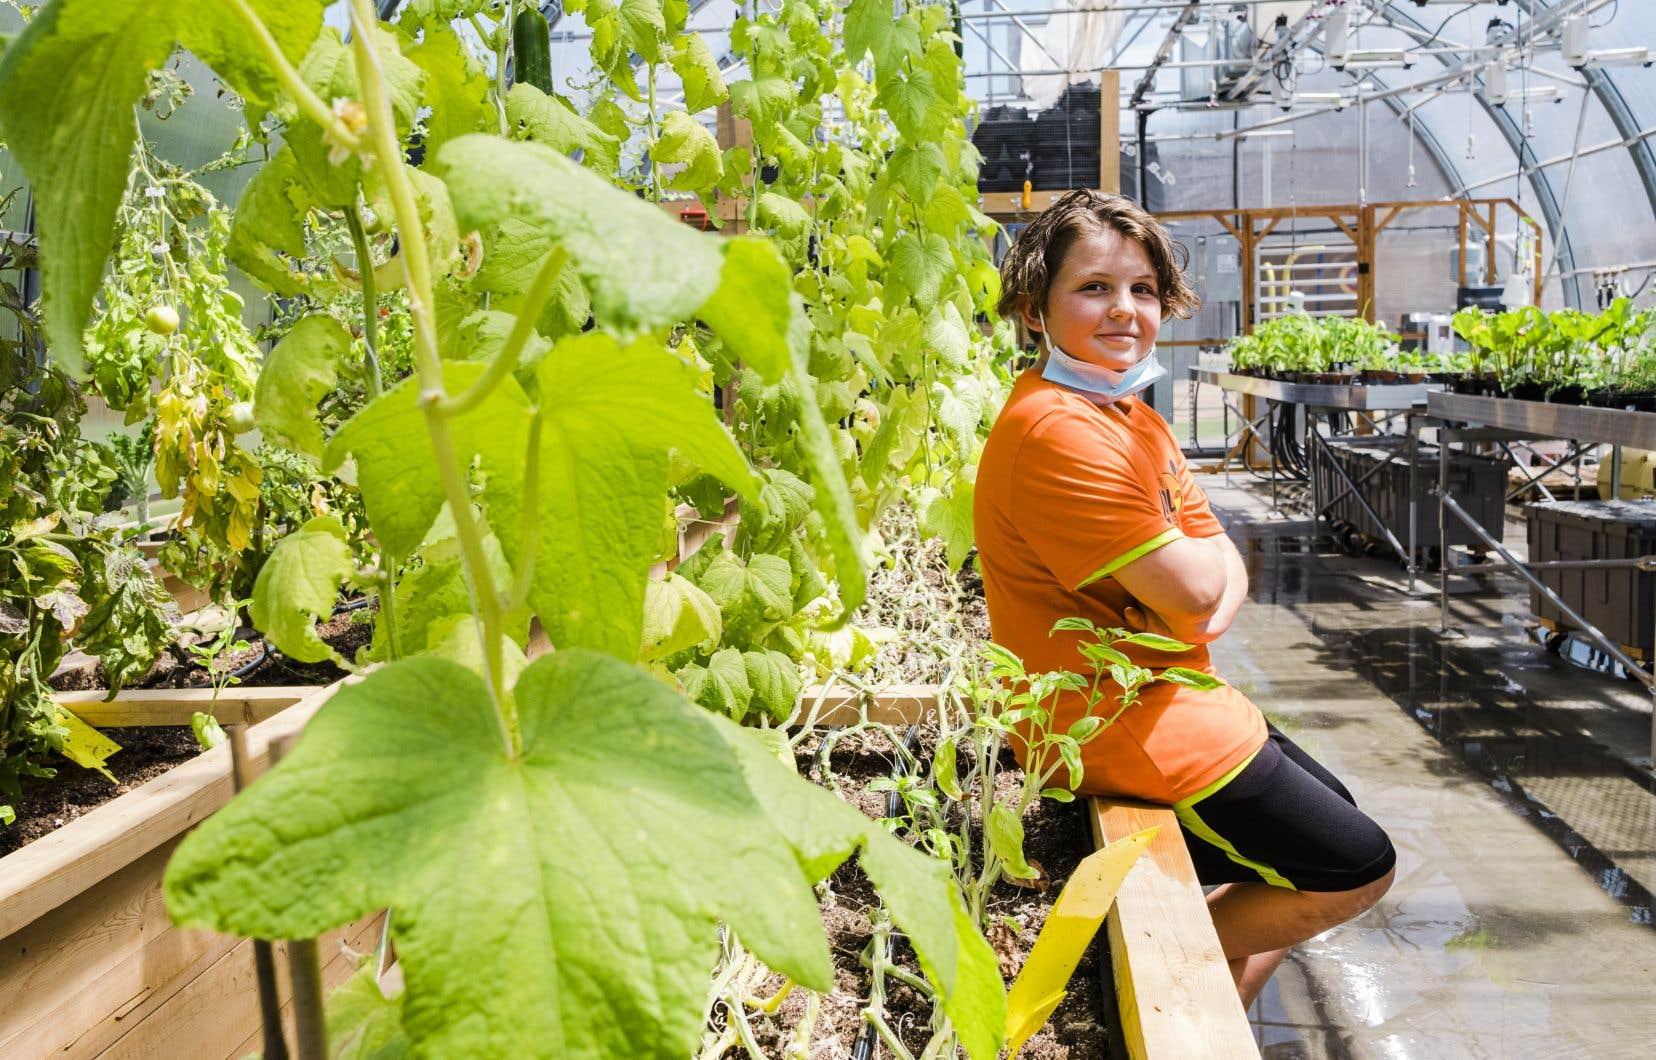 Vient de s'ajouter à l'école primaire Louis-de-France, àTrois-Rivières, une immense serre quatre saisons, oasis regorgeant de semis et de plants de concombres qui montent en vrille vers le soleil.